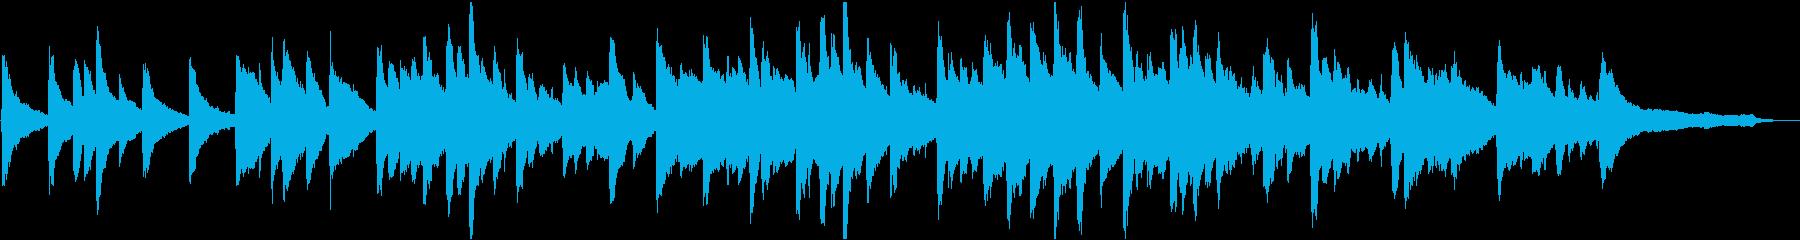 ドラマ12 16bit48kHzVerの再生済みの波形